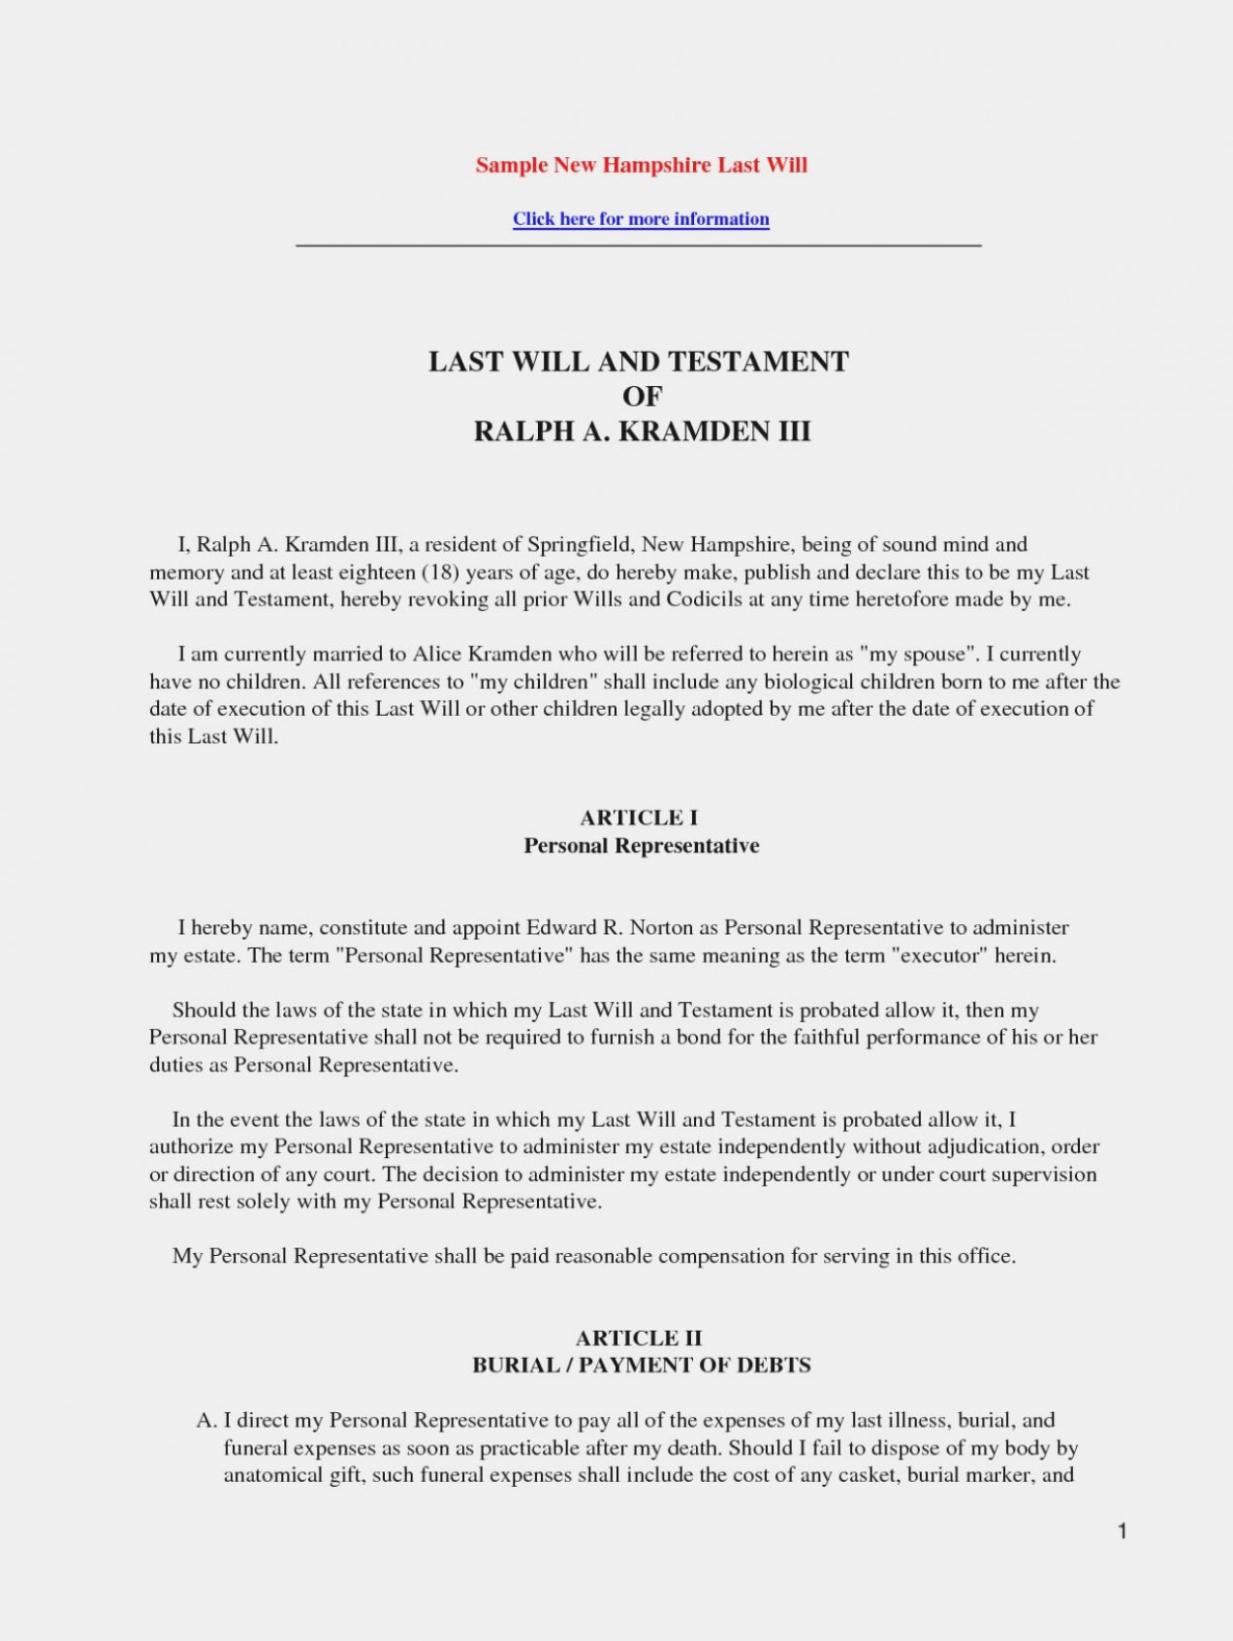 Legal Will Template Printable Last And Testament Unique Australia - Free Printable Codicil Form